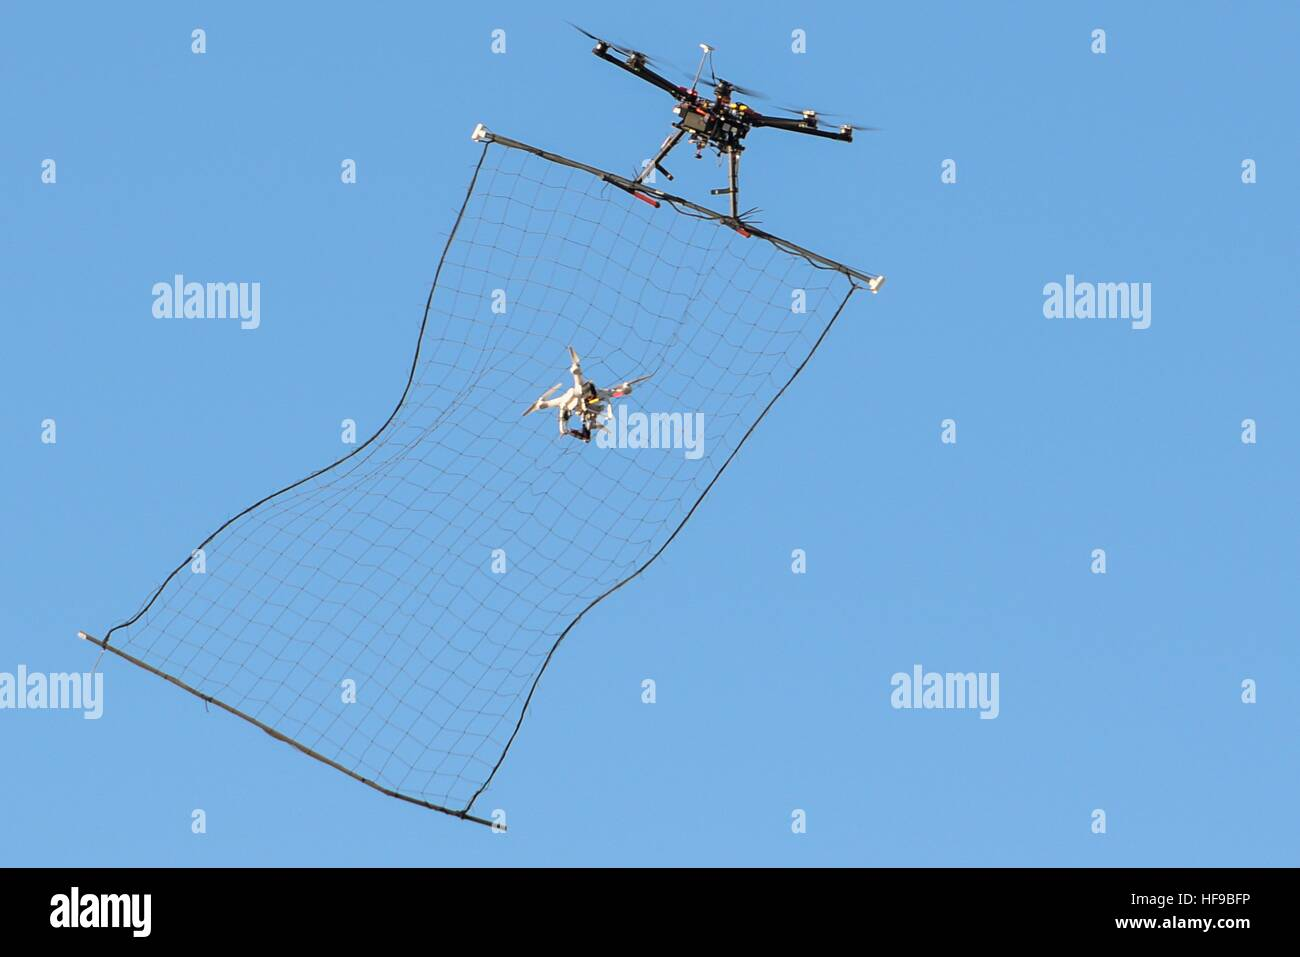 Un Unmanned Aerial system hunter-killer drone acquisisce un fantoccio 3 drone nella sua net metà di volo durante Immagini Stock